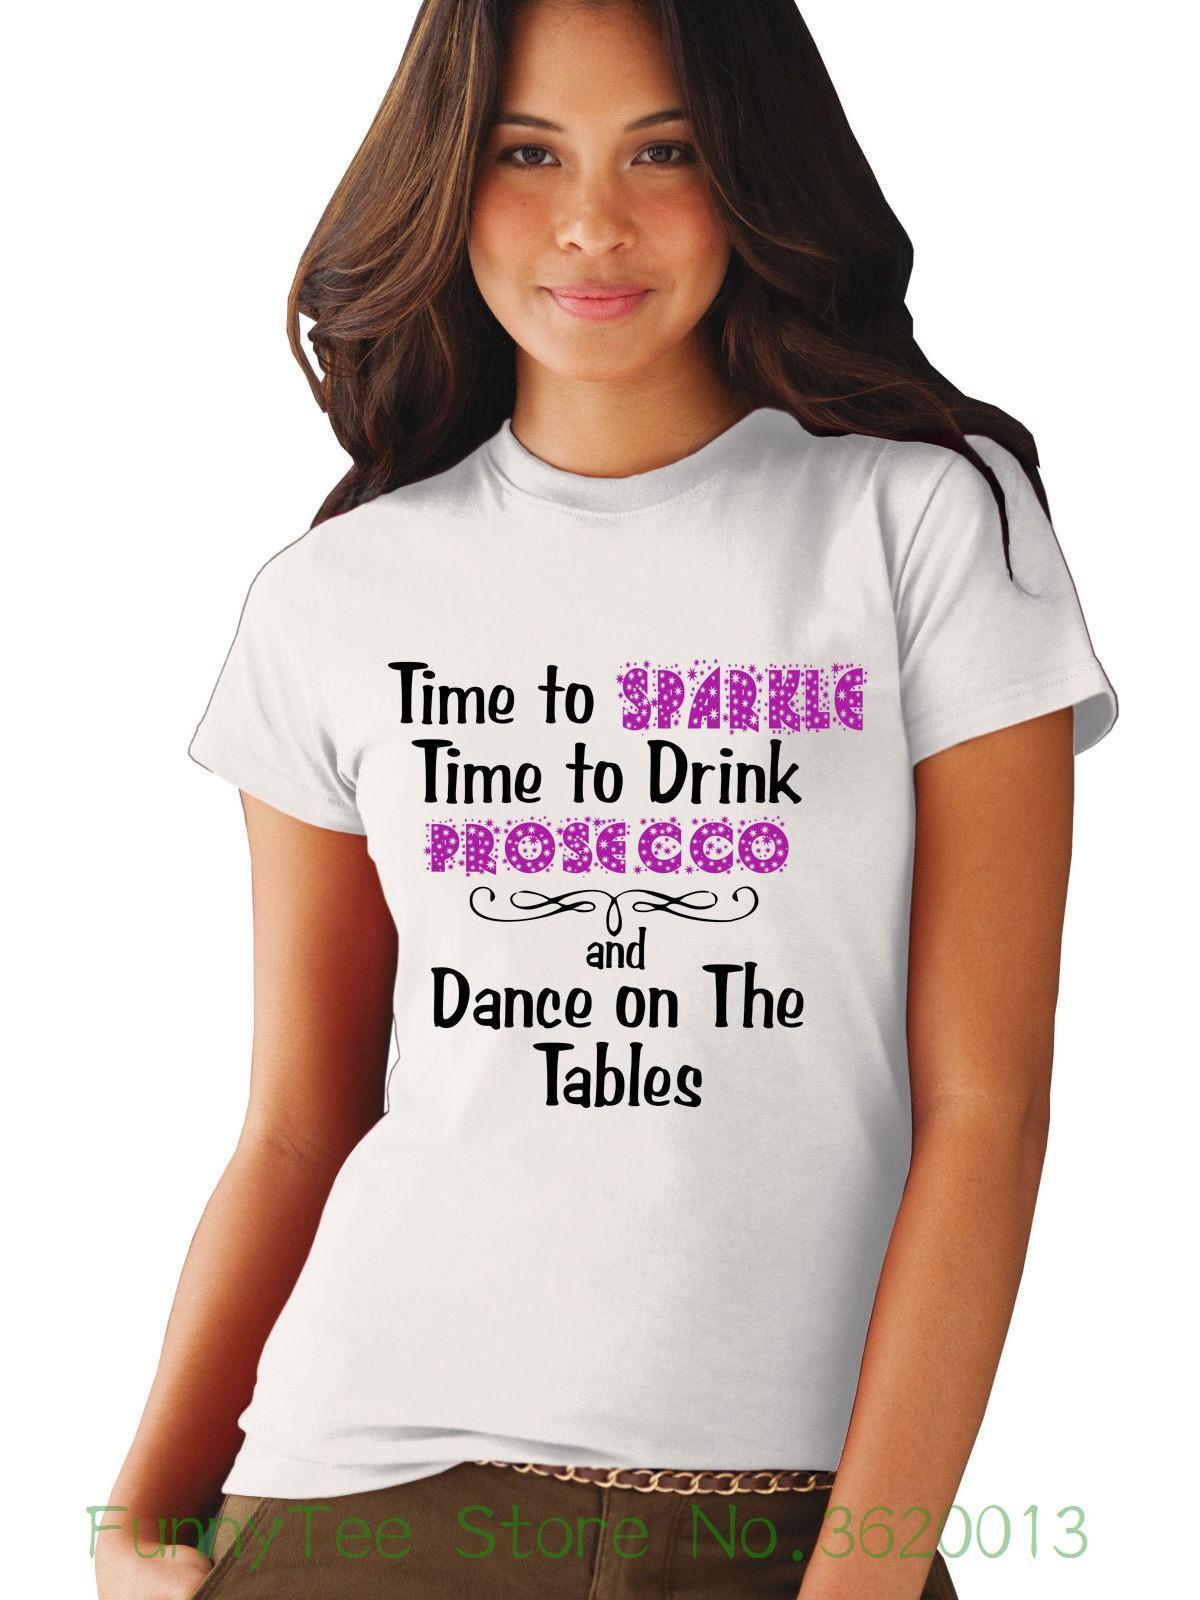 Compre Hora Das Mulheres Tempo De Brilho Para Beber Prosecco E Dança Ladies  Fitted Camiseta Feminina T Shirt Kawaii Do Punk Tops Tee De Funnyteestore d3e810c087f8c